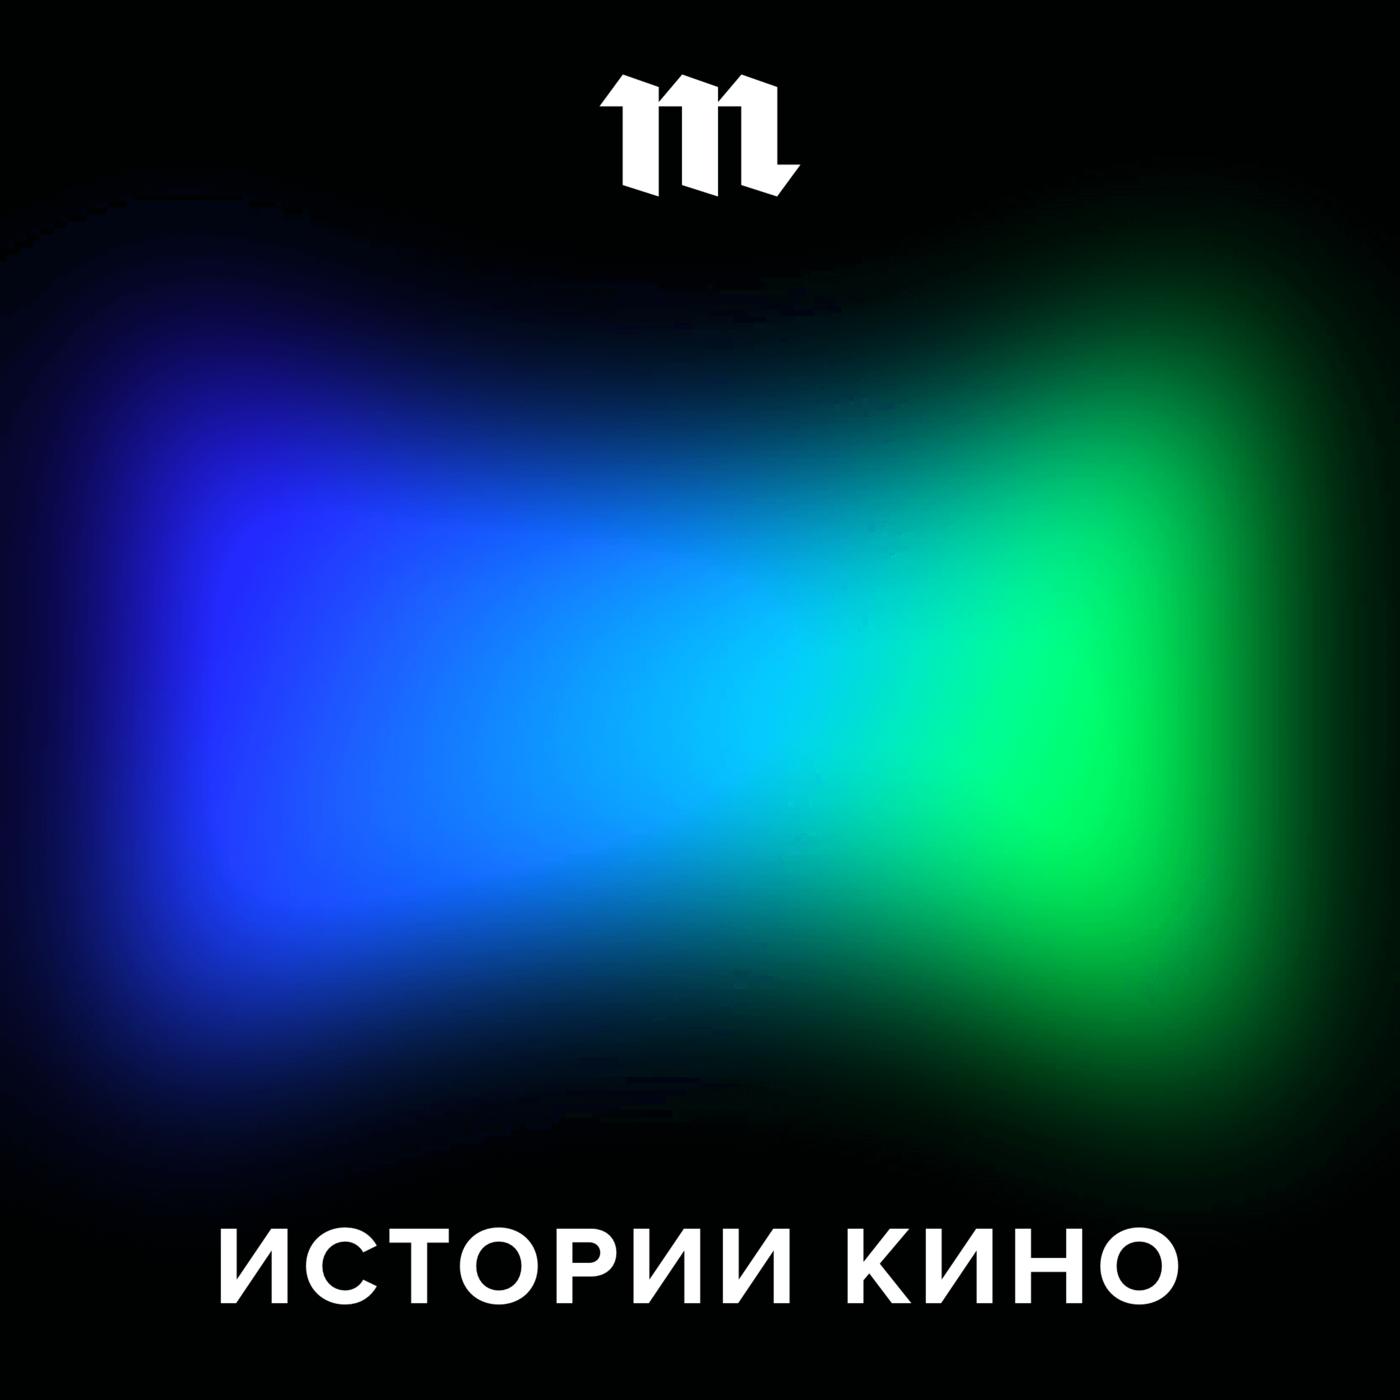 История о том, как Сергей Эйзенштейн придумал VR-аттракцион, а Дзига Вертов сломал Большой театр